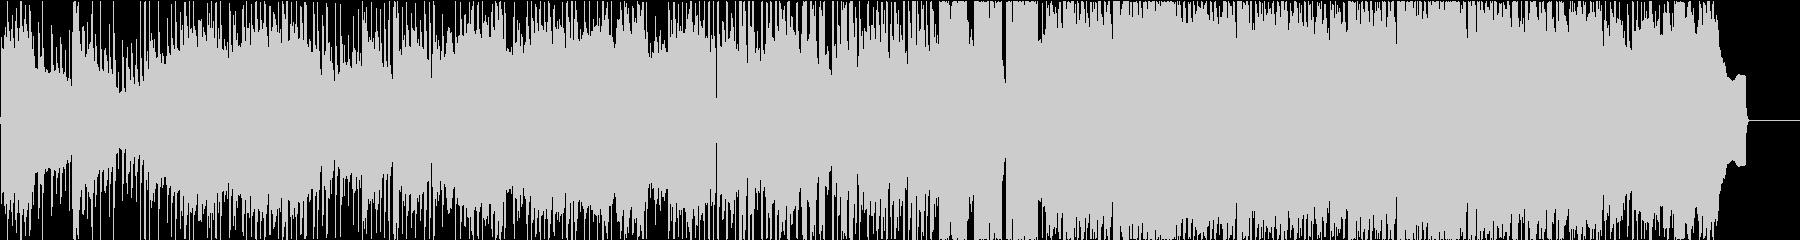 ちょっと切ない系フォークロックポップのんの未再生の波形